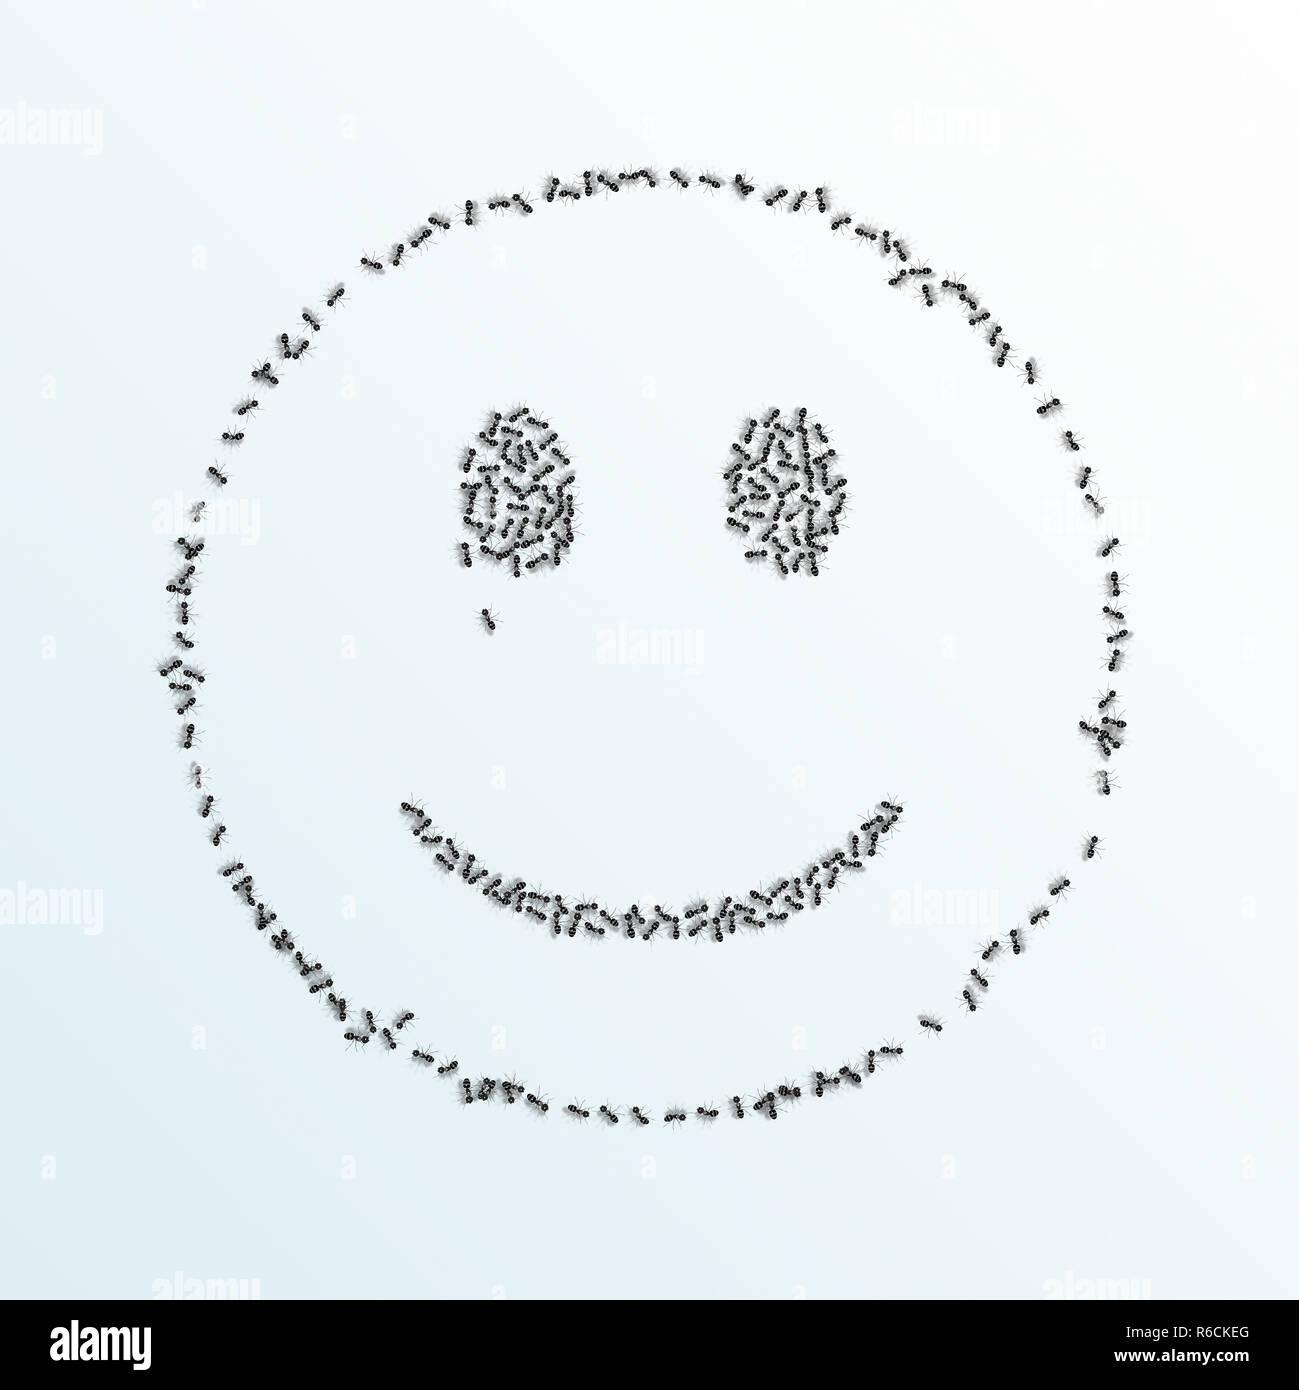 Monochrome digitales Bild von Ameisen bilden einen Überblick über einen Smiley auf weißem Hintergrund Stockbild